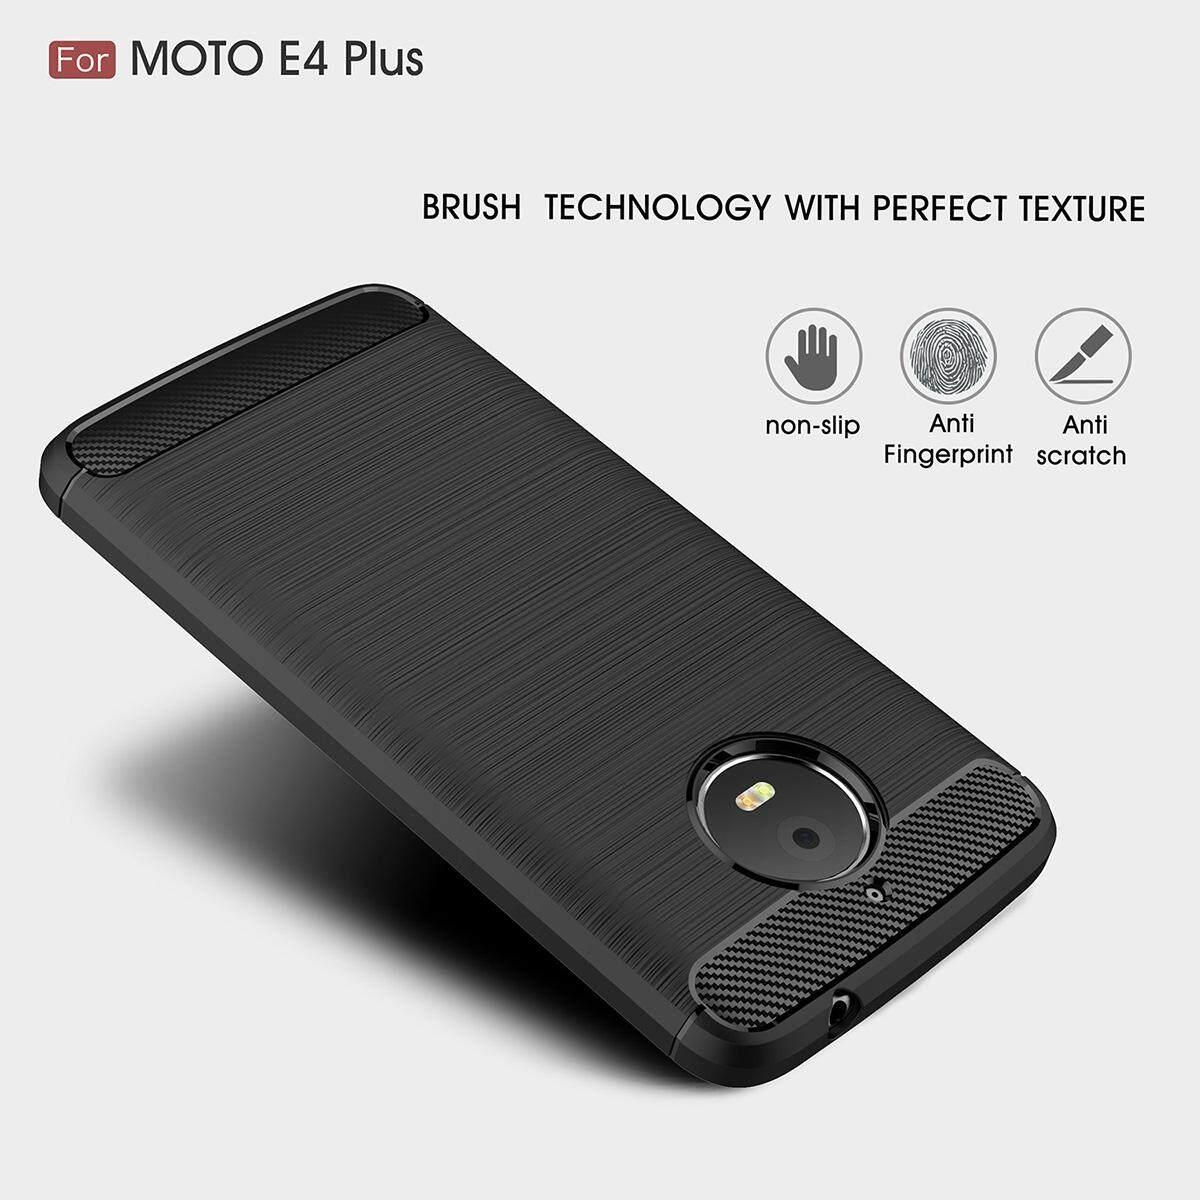 Fitur Rugged Armor Case Untuk Motorola Moto E4 Ditambah Serat Karbon Tempered Glass Plus Full Cover Warna Elastis Penurunan Emisi Perlindungan Anti Gores